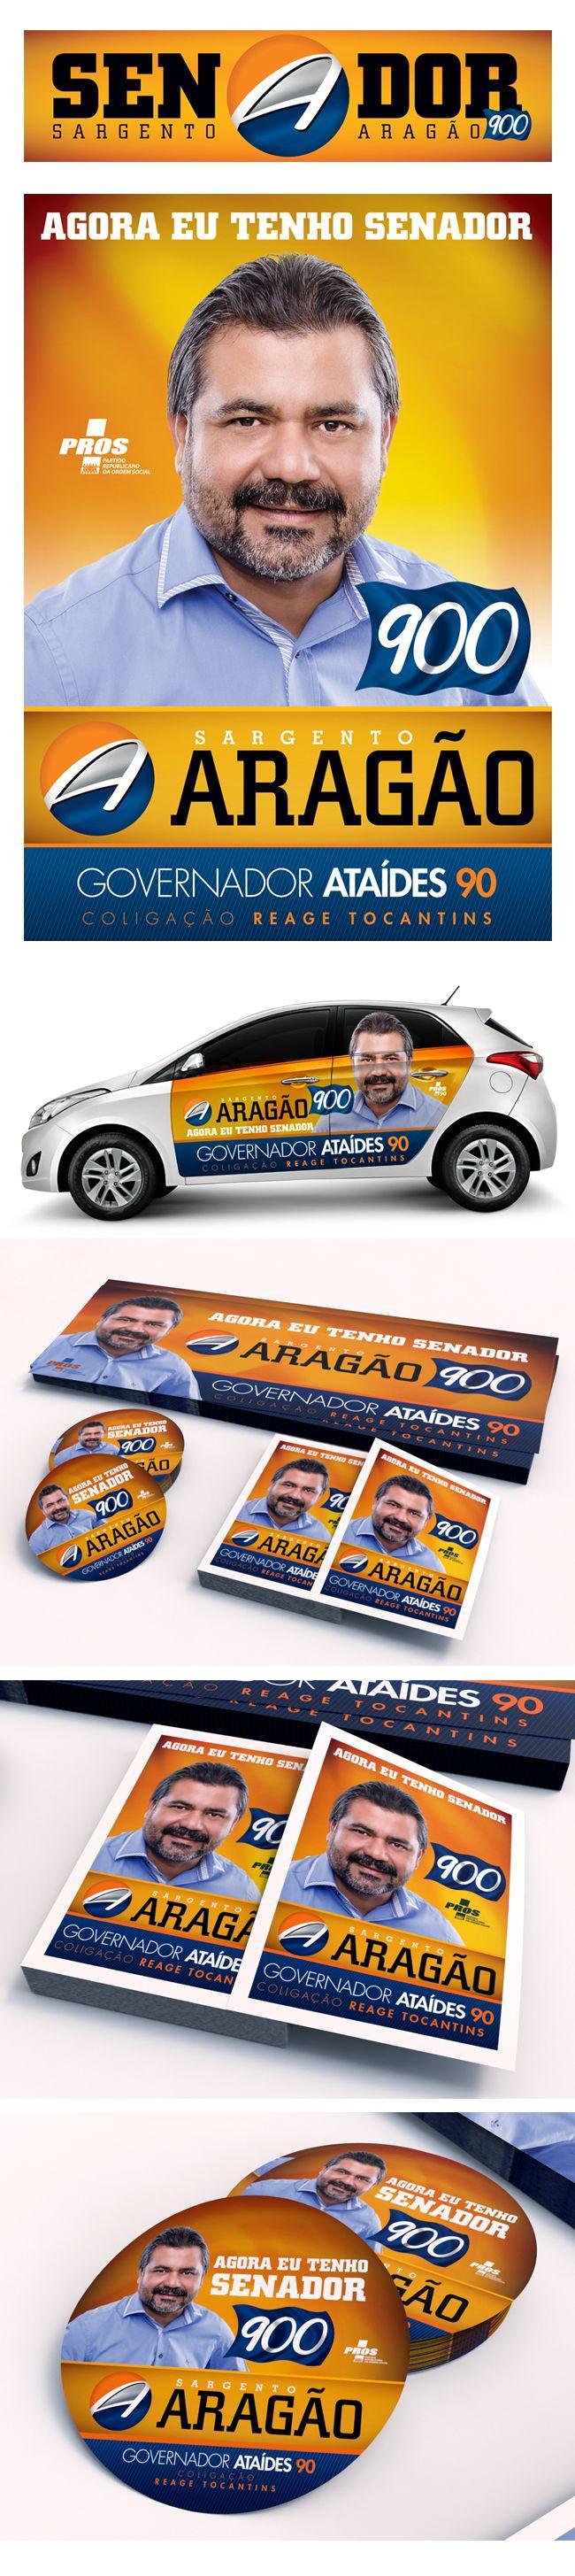 Campanha Política 2014 - Senador Sargento Aragão on Behance